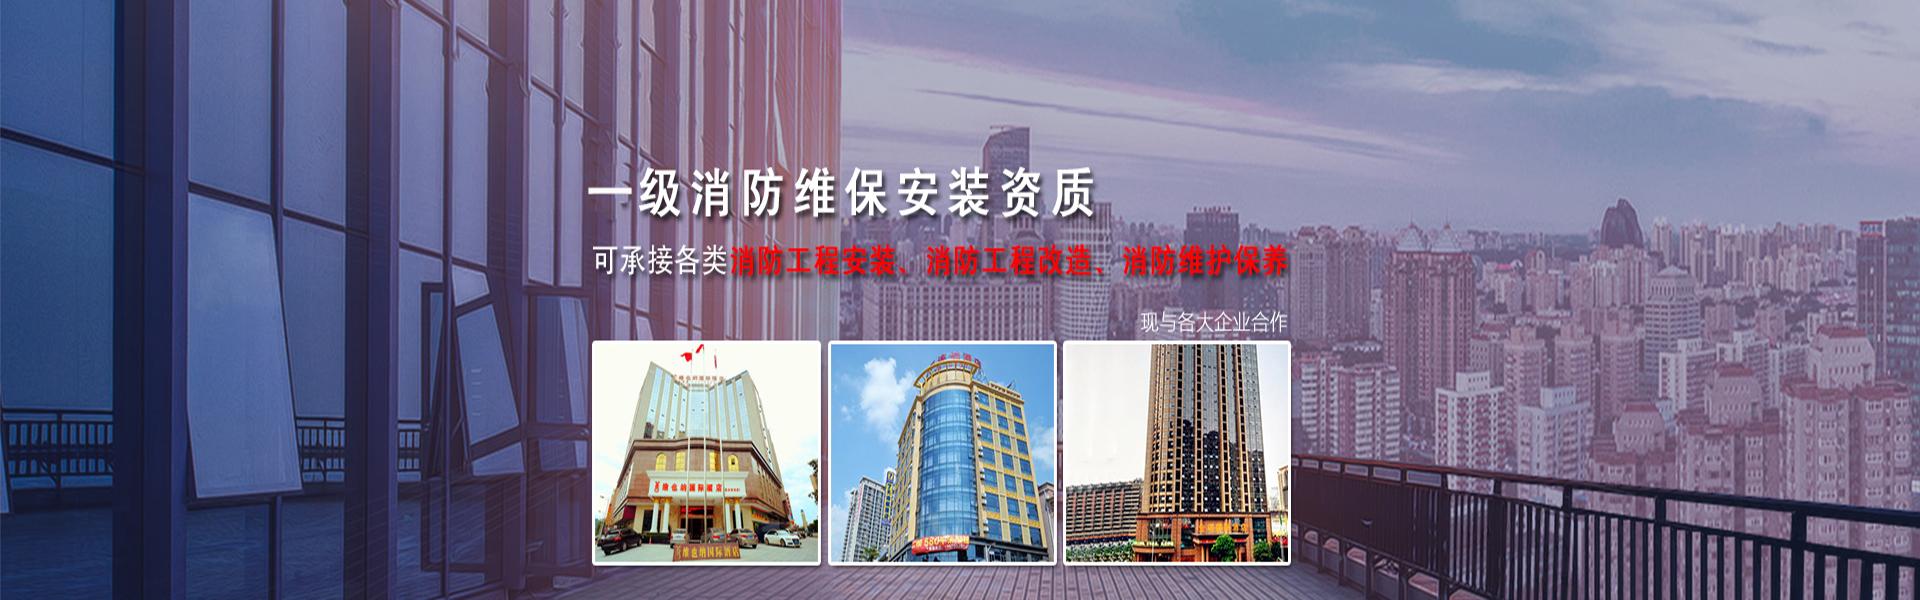 惠州消防检测